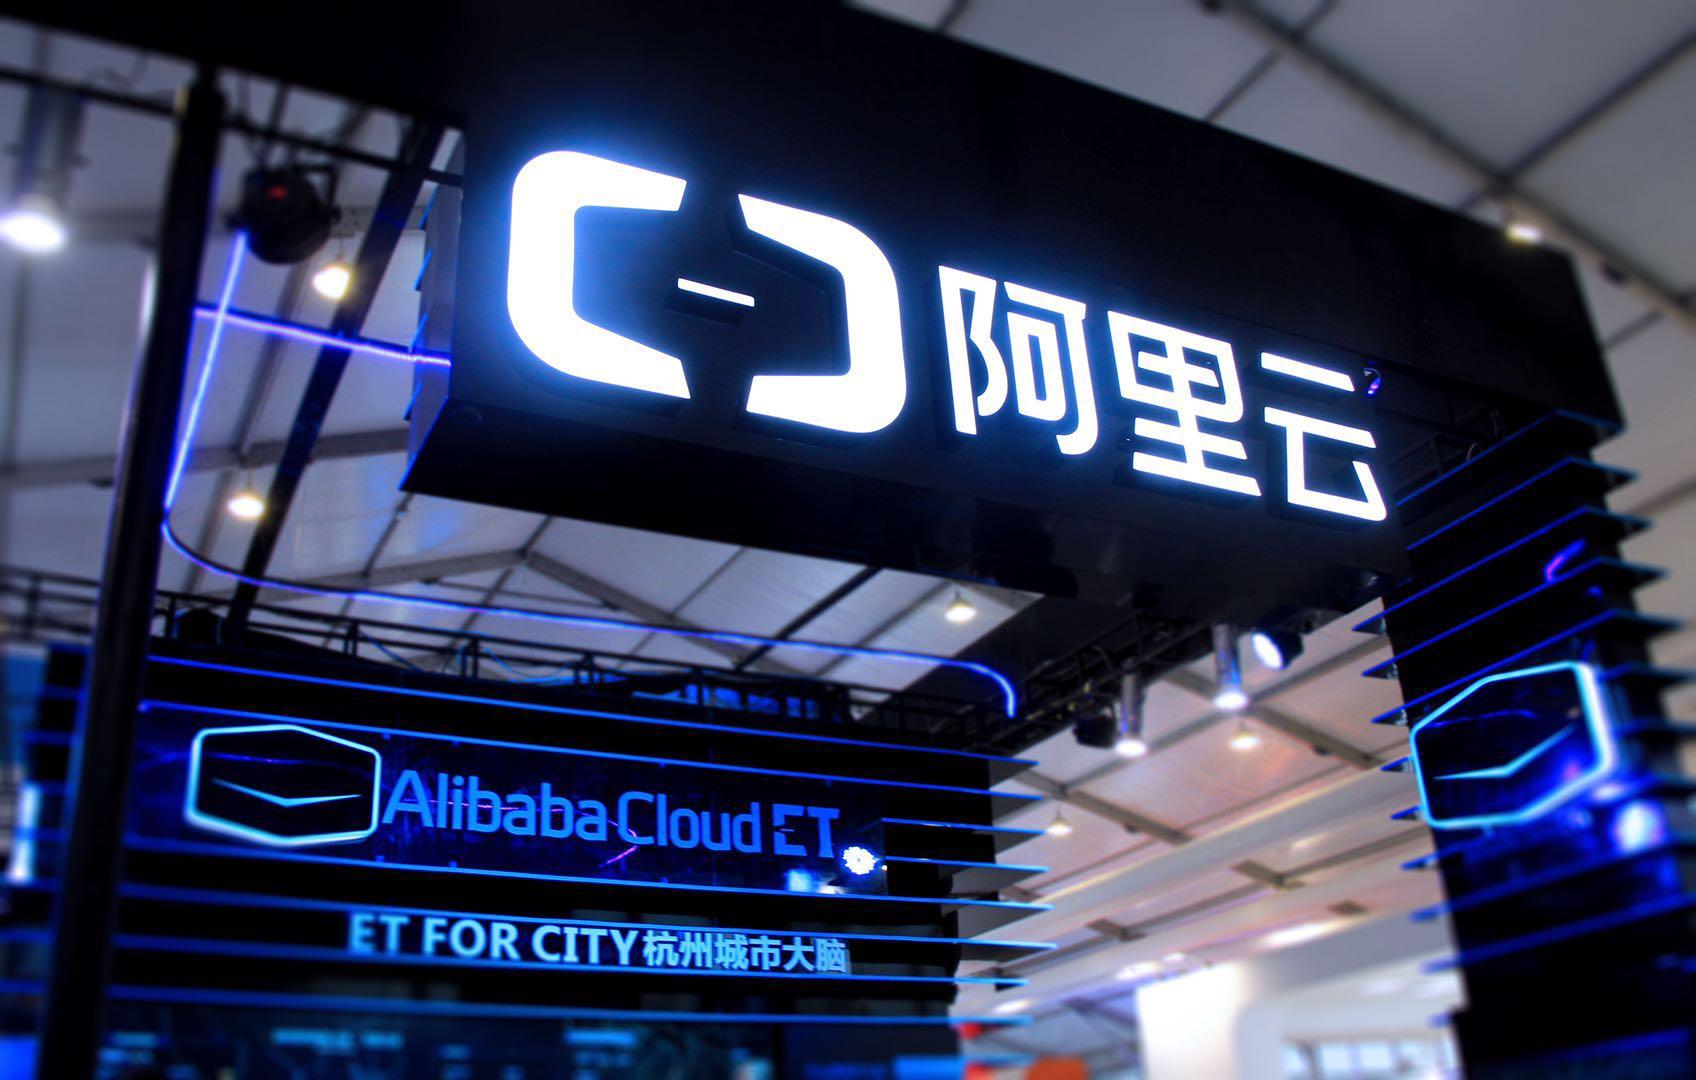 阿里云半年营收破百亿 持续扩大亚洲市场领先优势